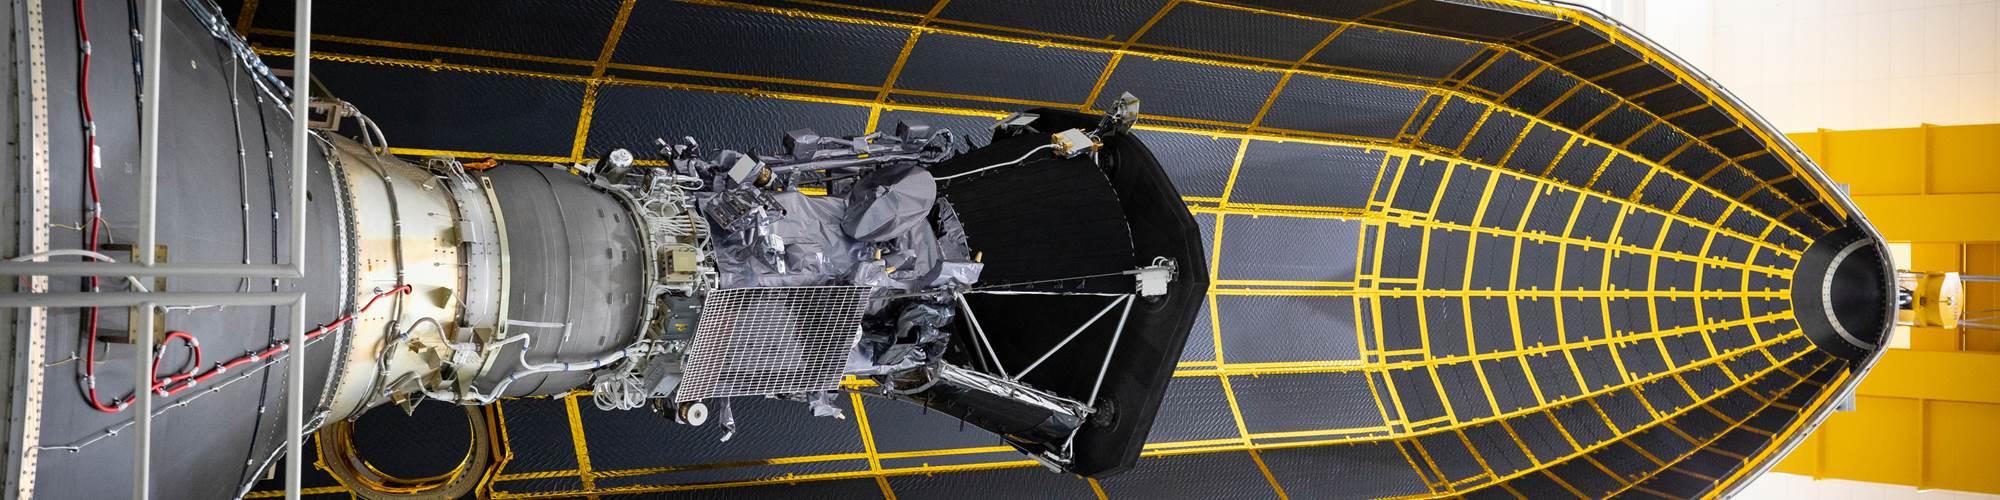 空间发动车辆的碳纤维复合有效载荷整体